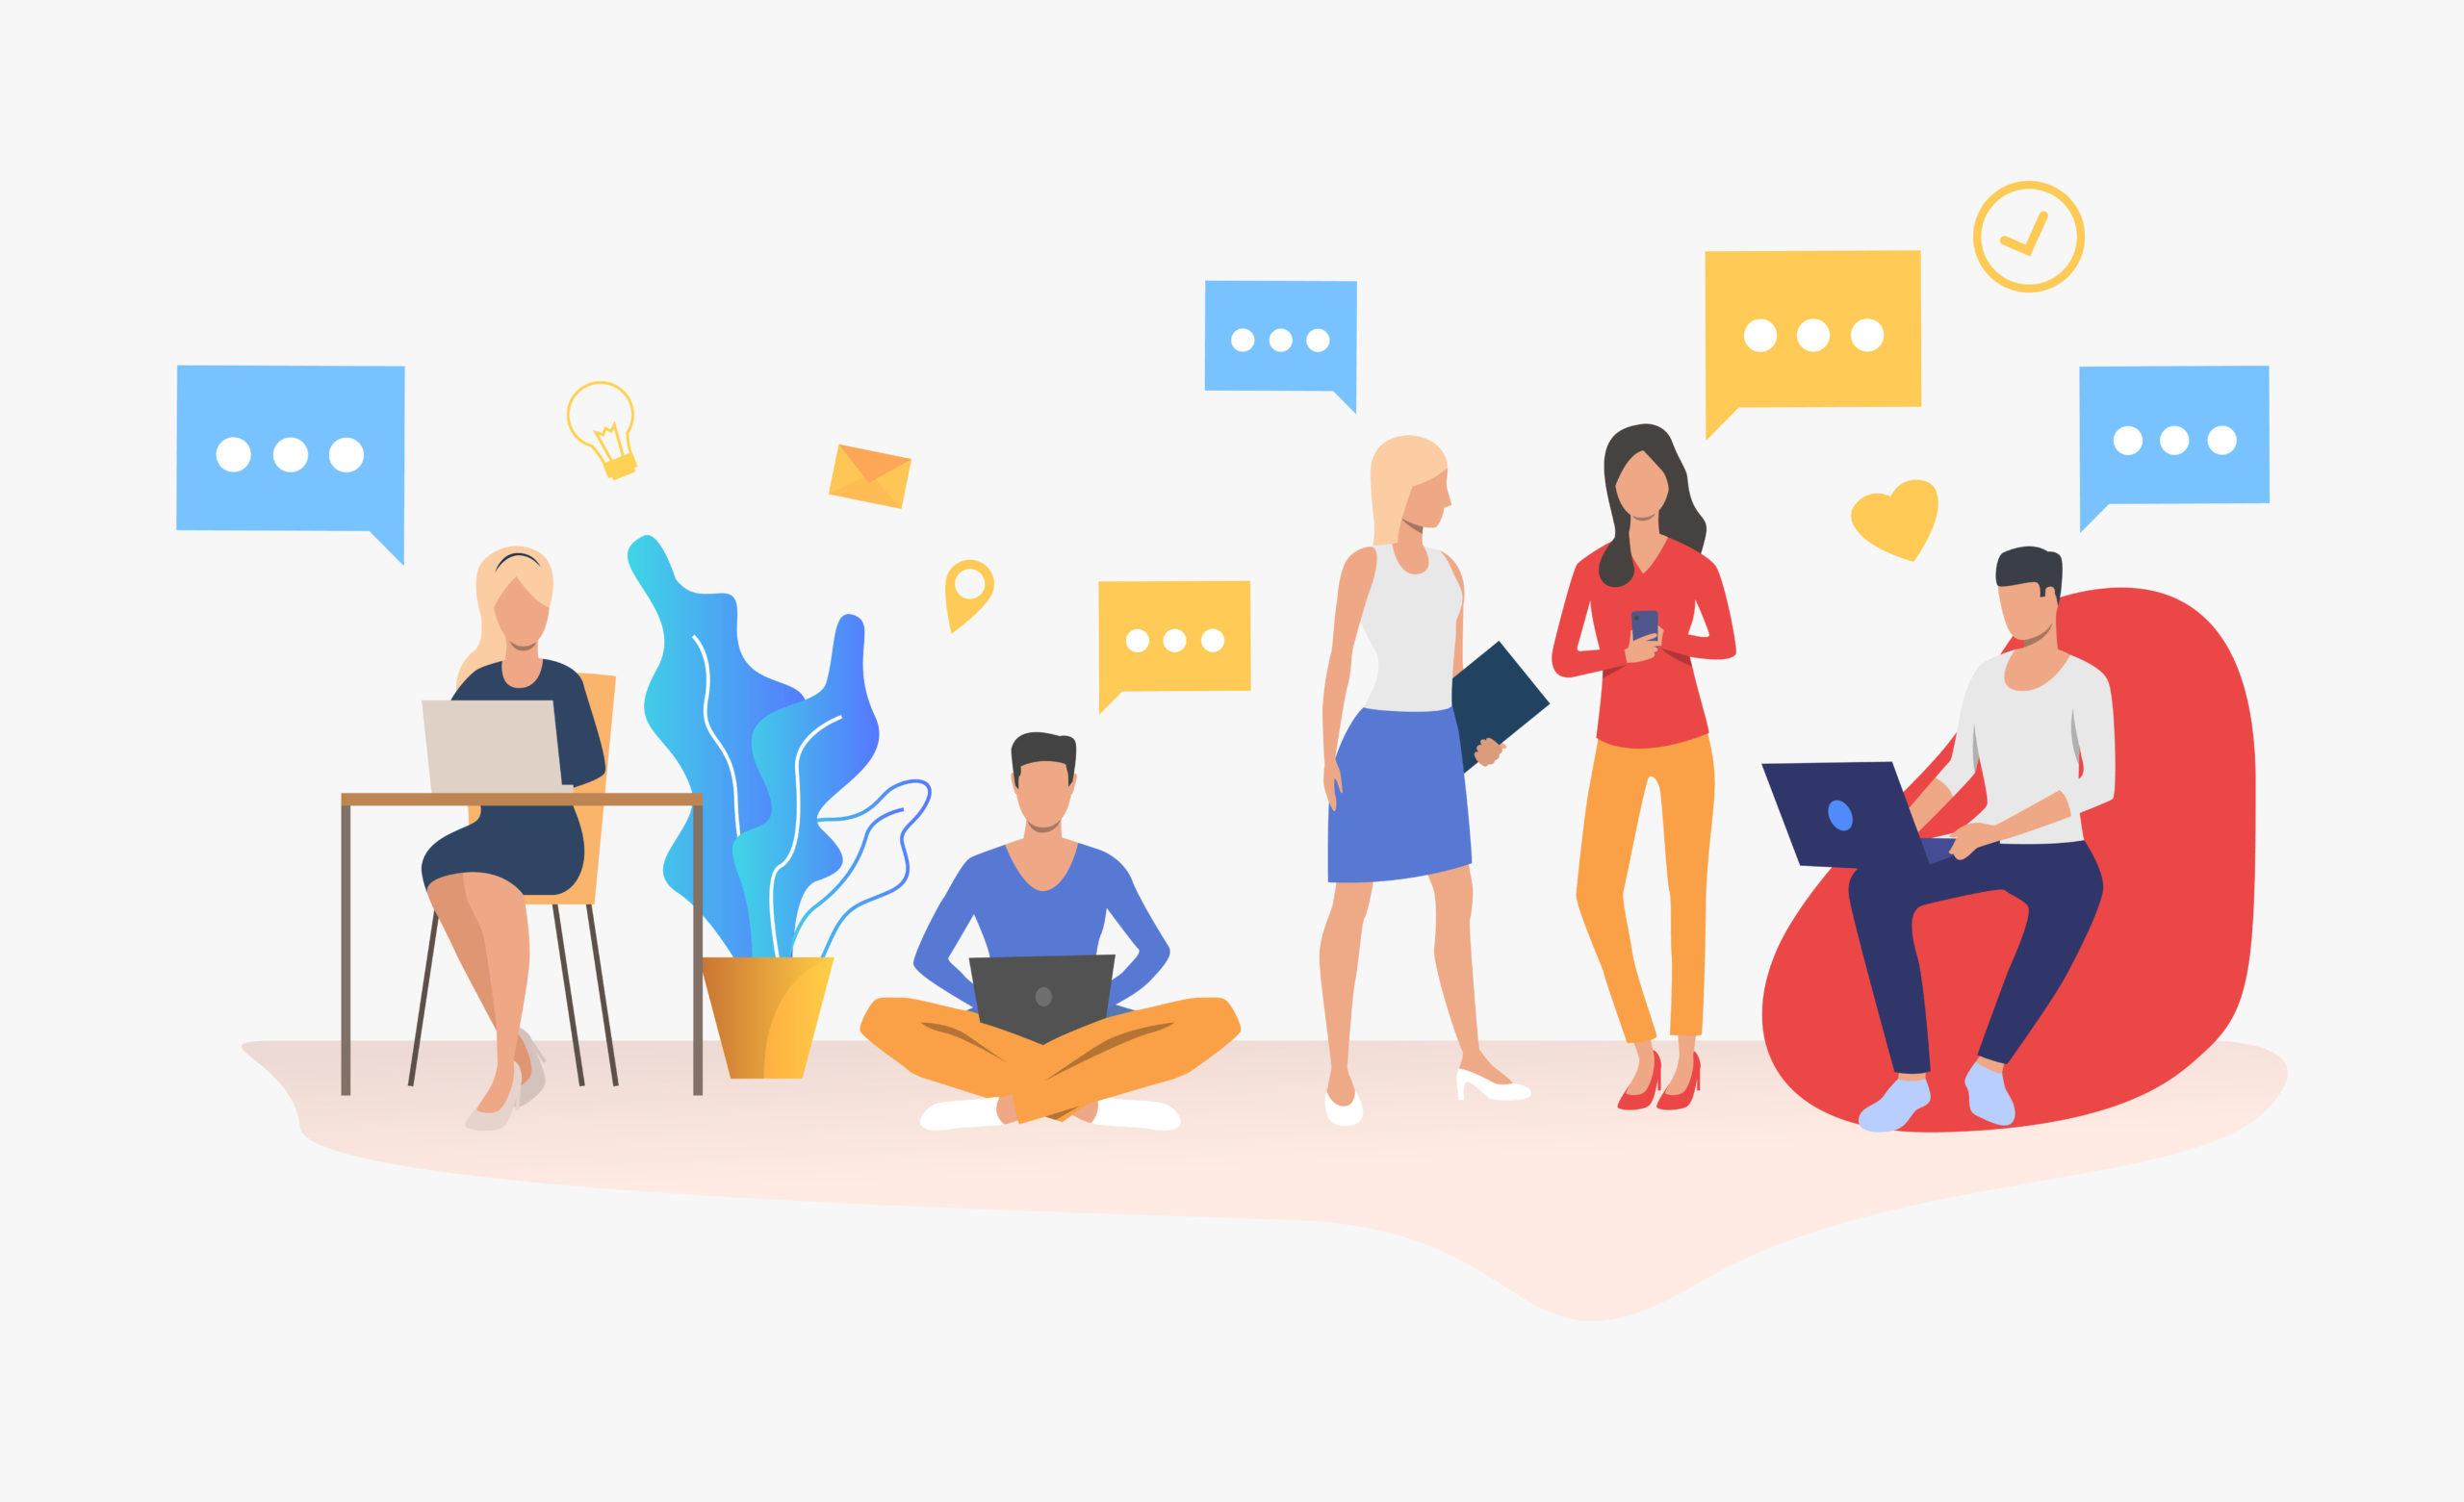 【コミュニケーション講座】女性にモテるための会話・トーク術を徹底解説